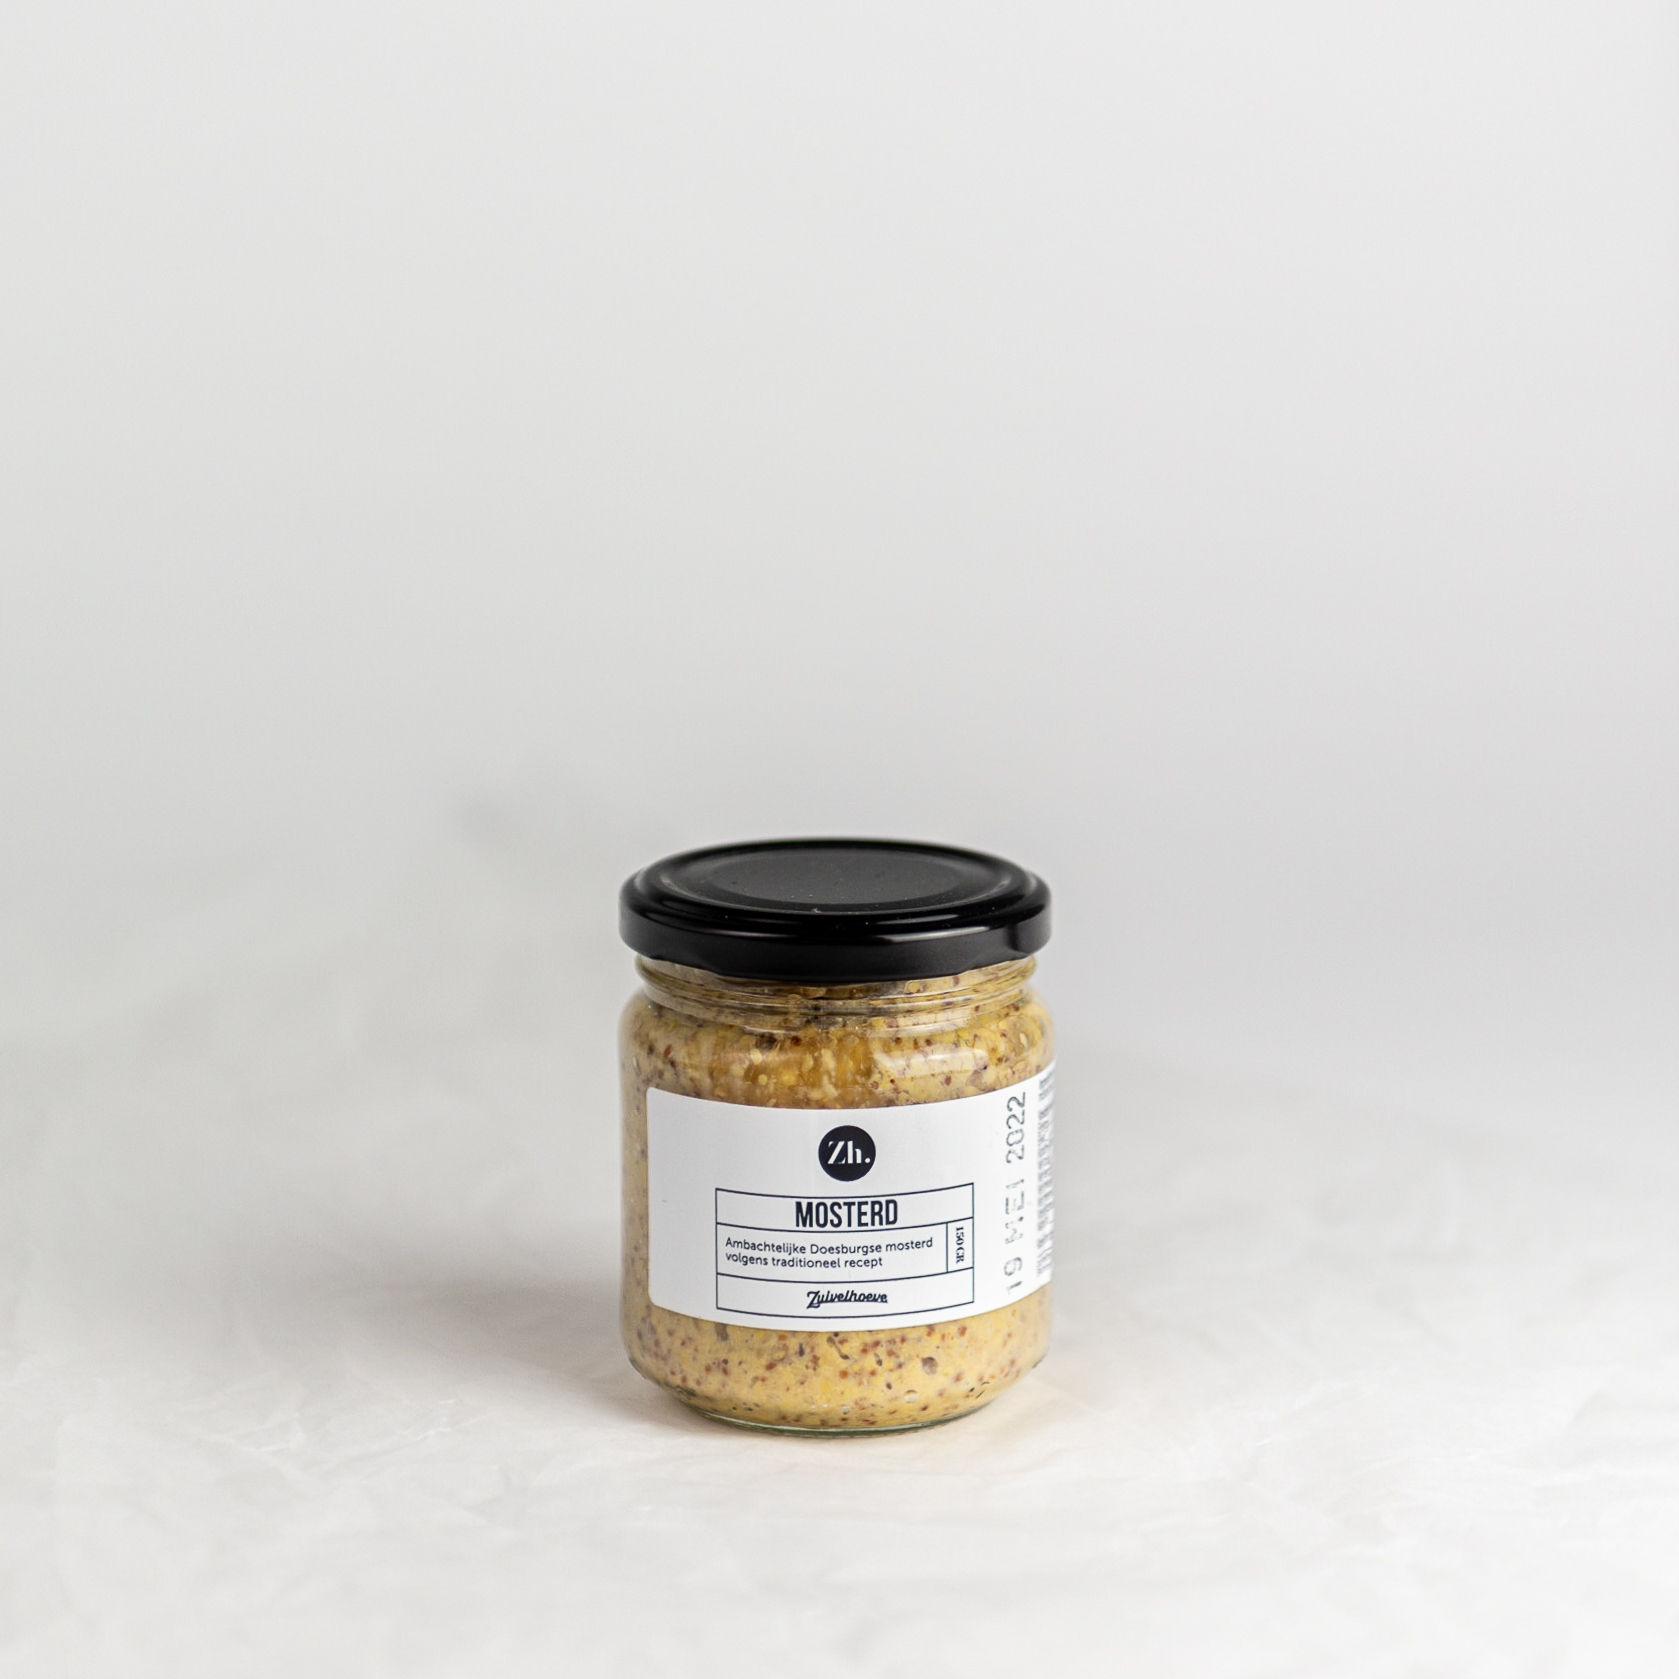 Zuivelhoeve mosterd